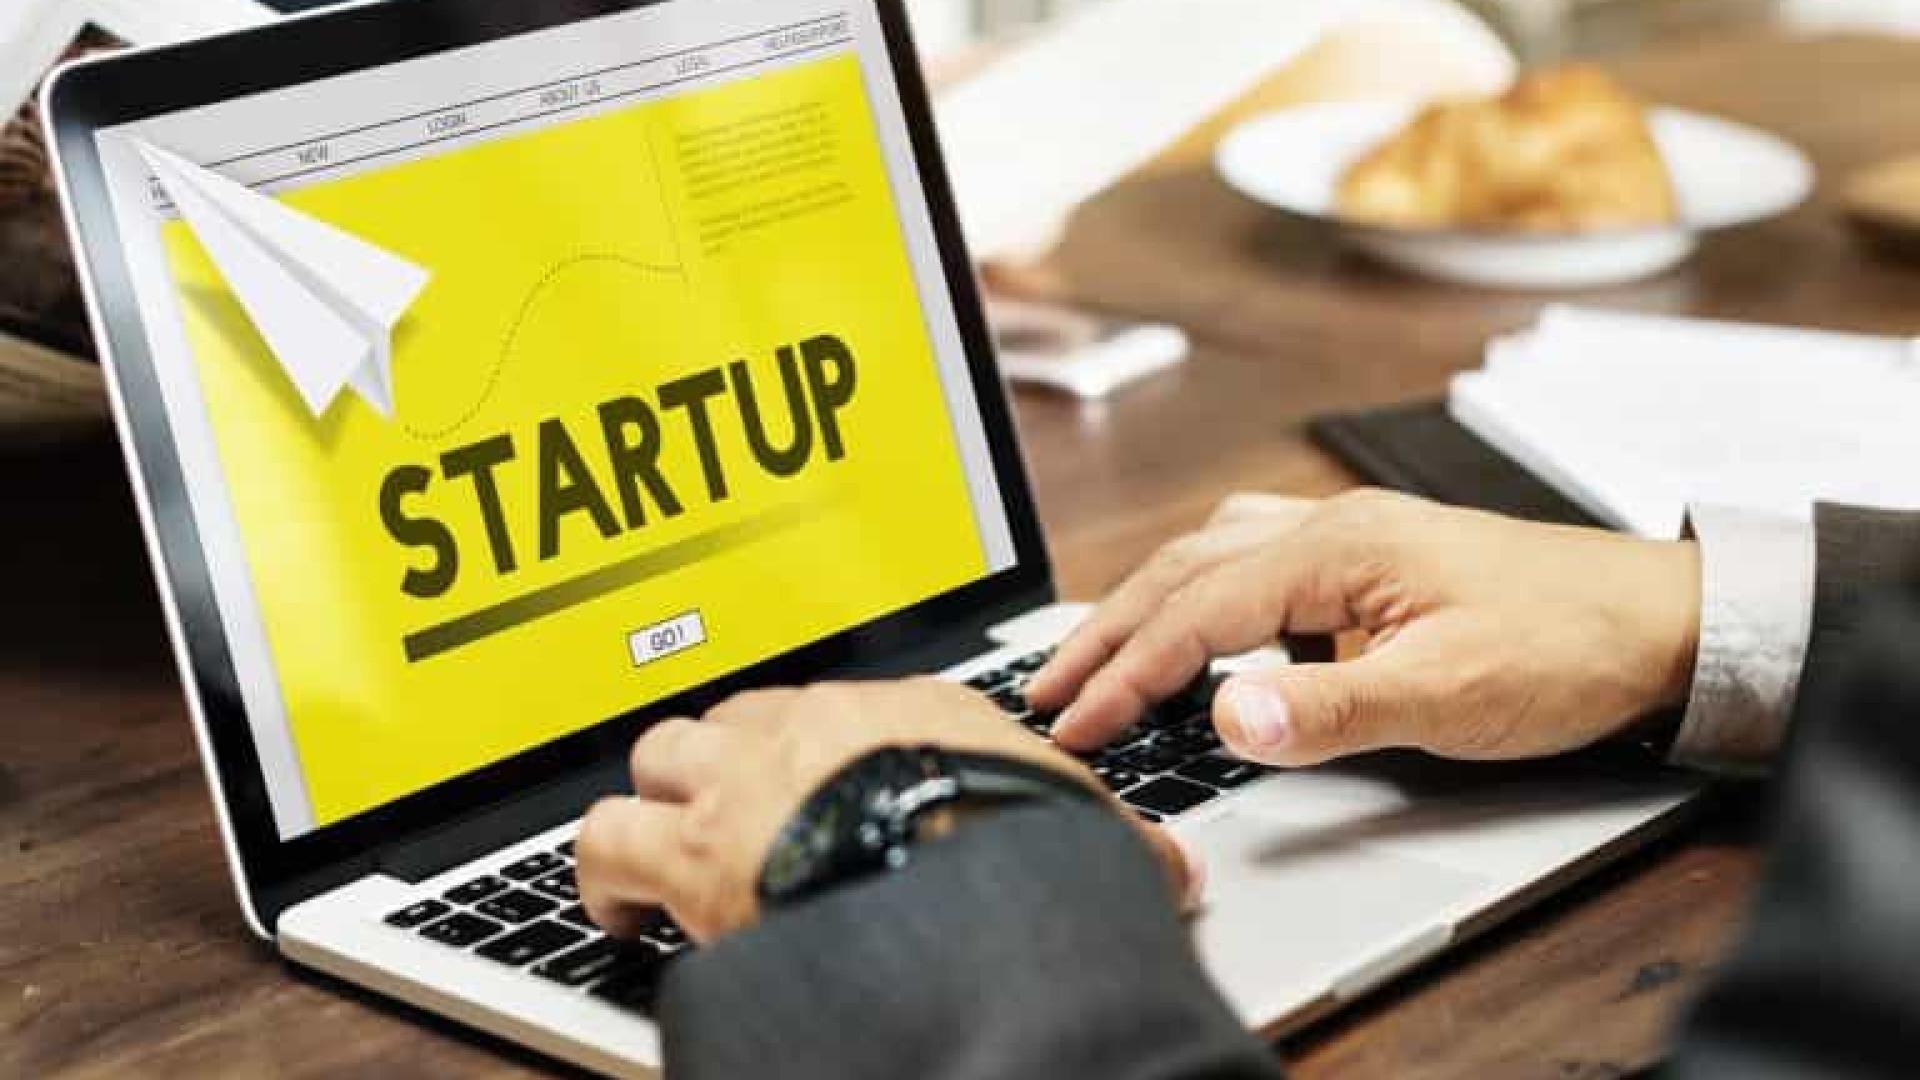 Investimento em startups brasileiras cresceu 187% no início do ano, diz pesquisa